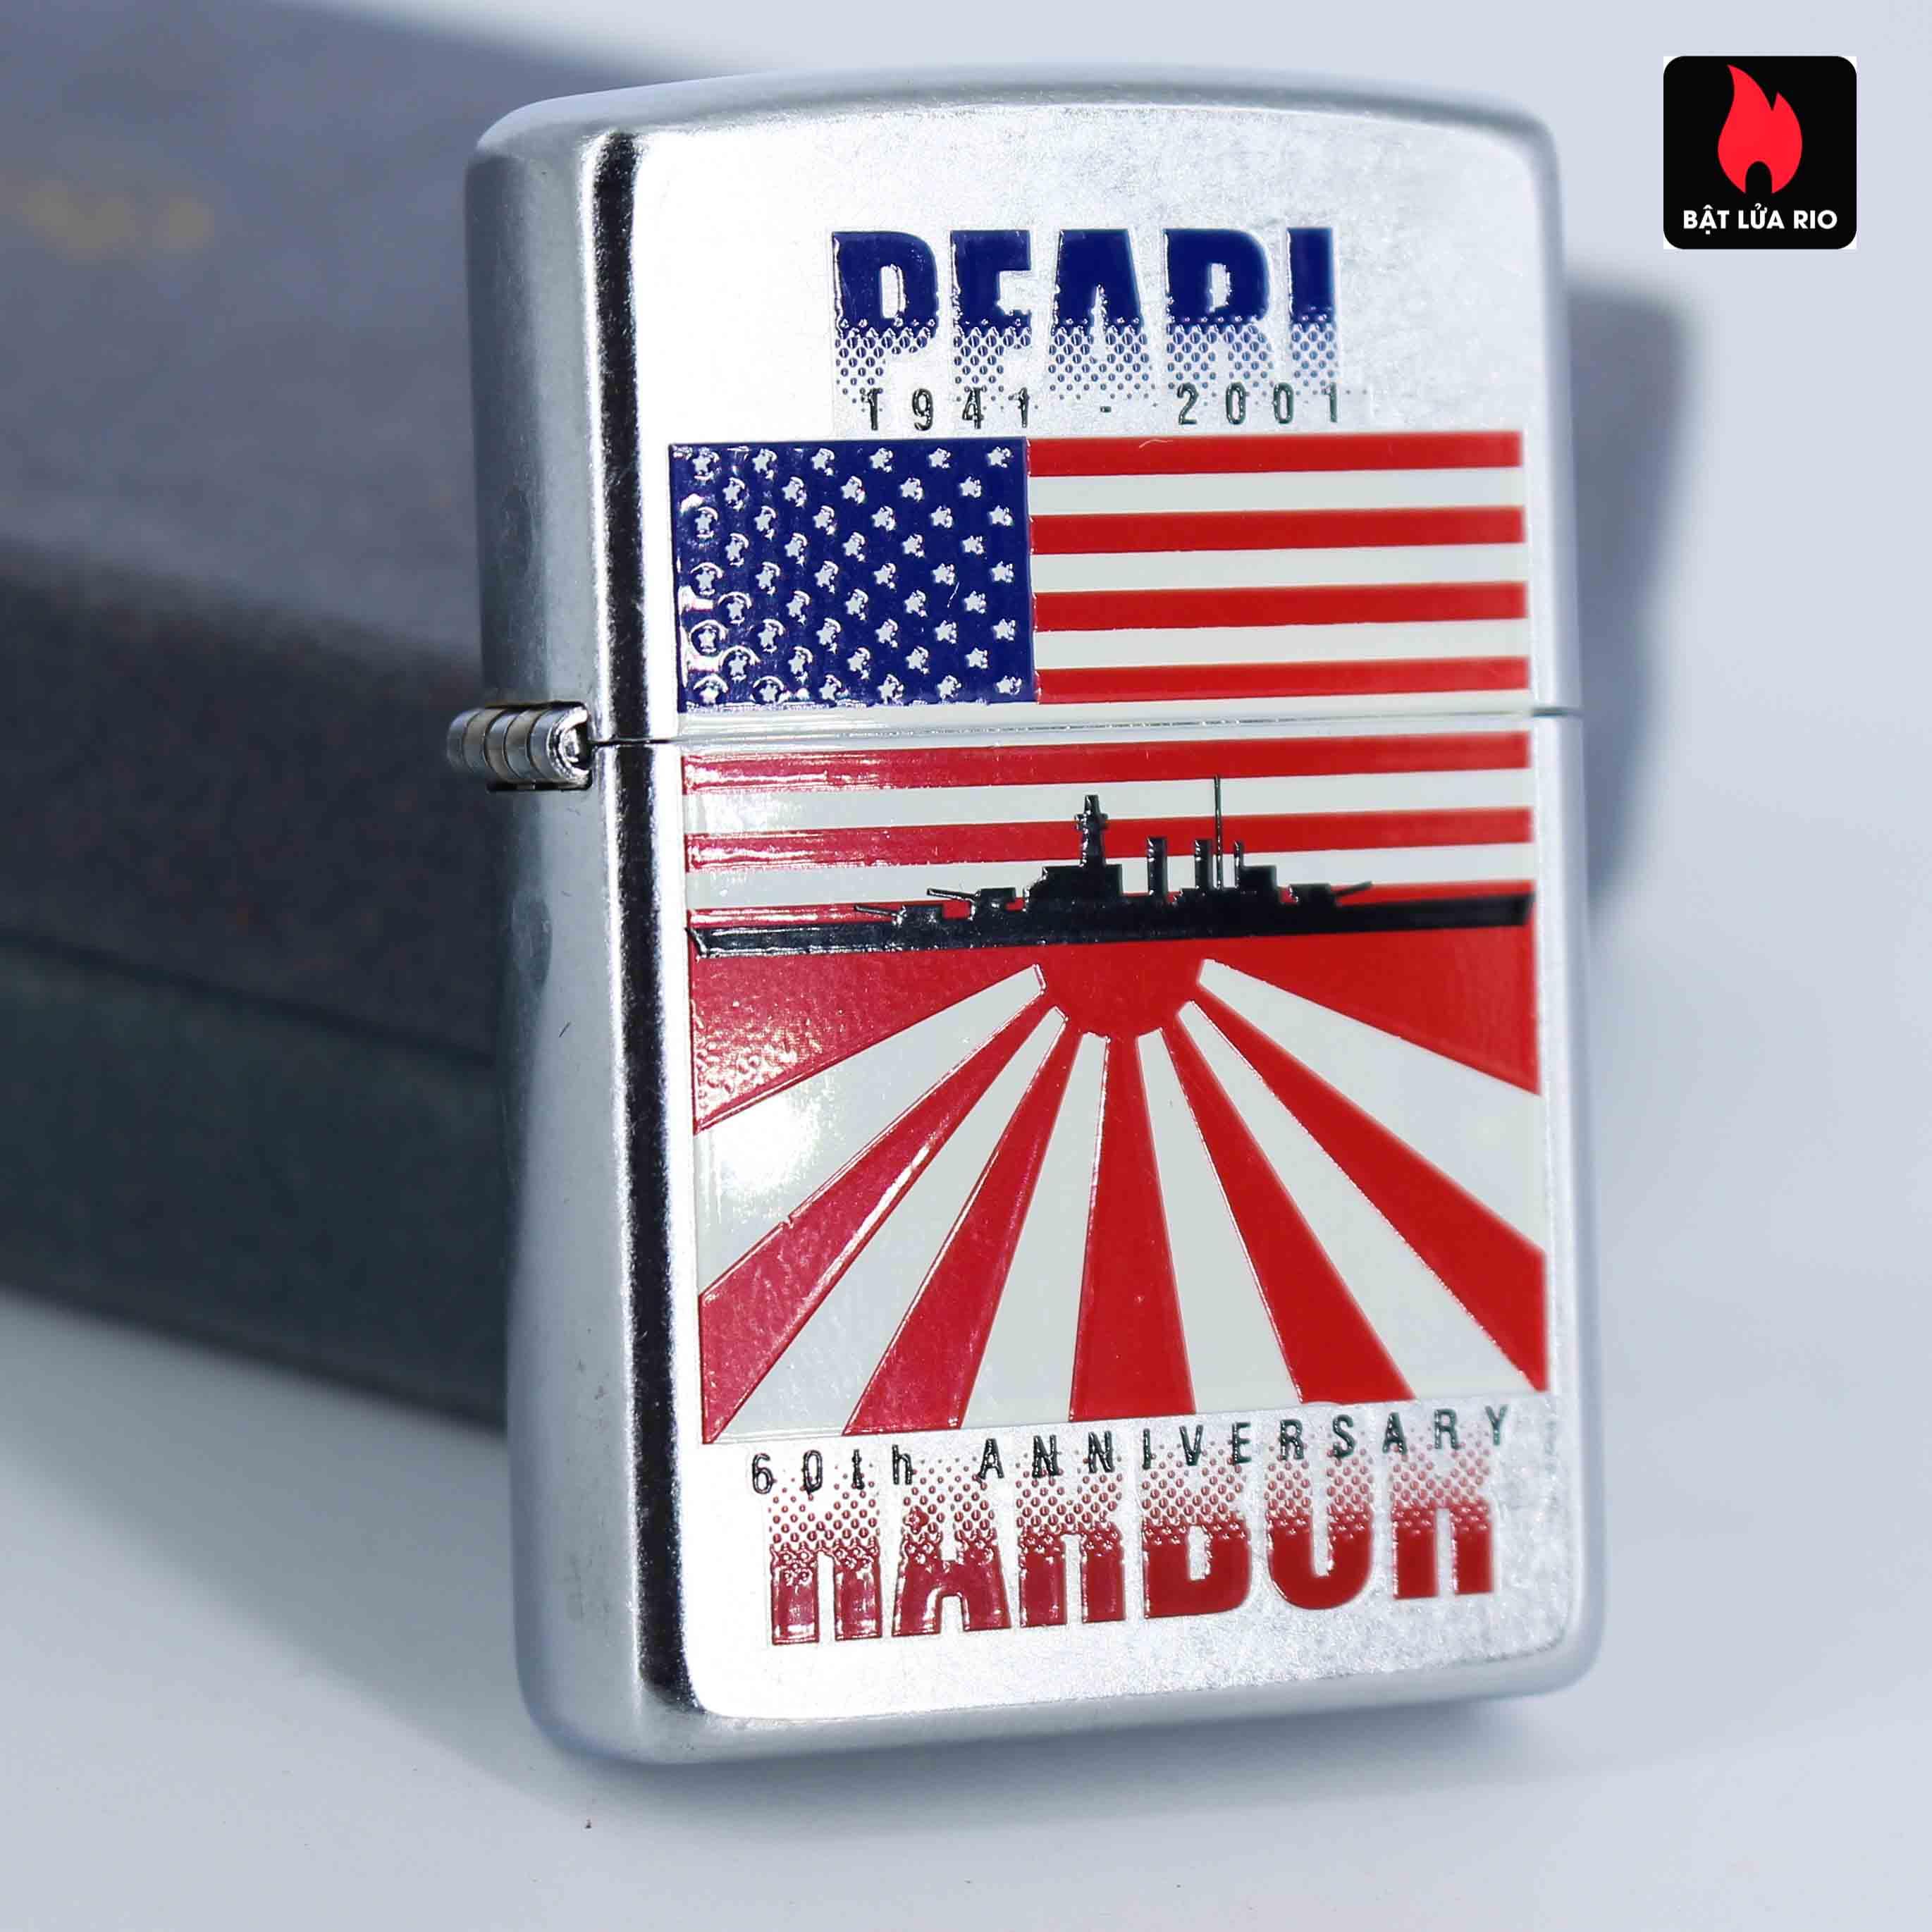 Zippo 2001 - 60th Anniversary Pearl Harbor - Trận Trân Châu Cảng